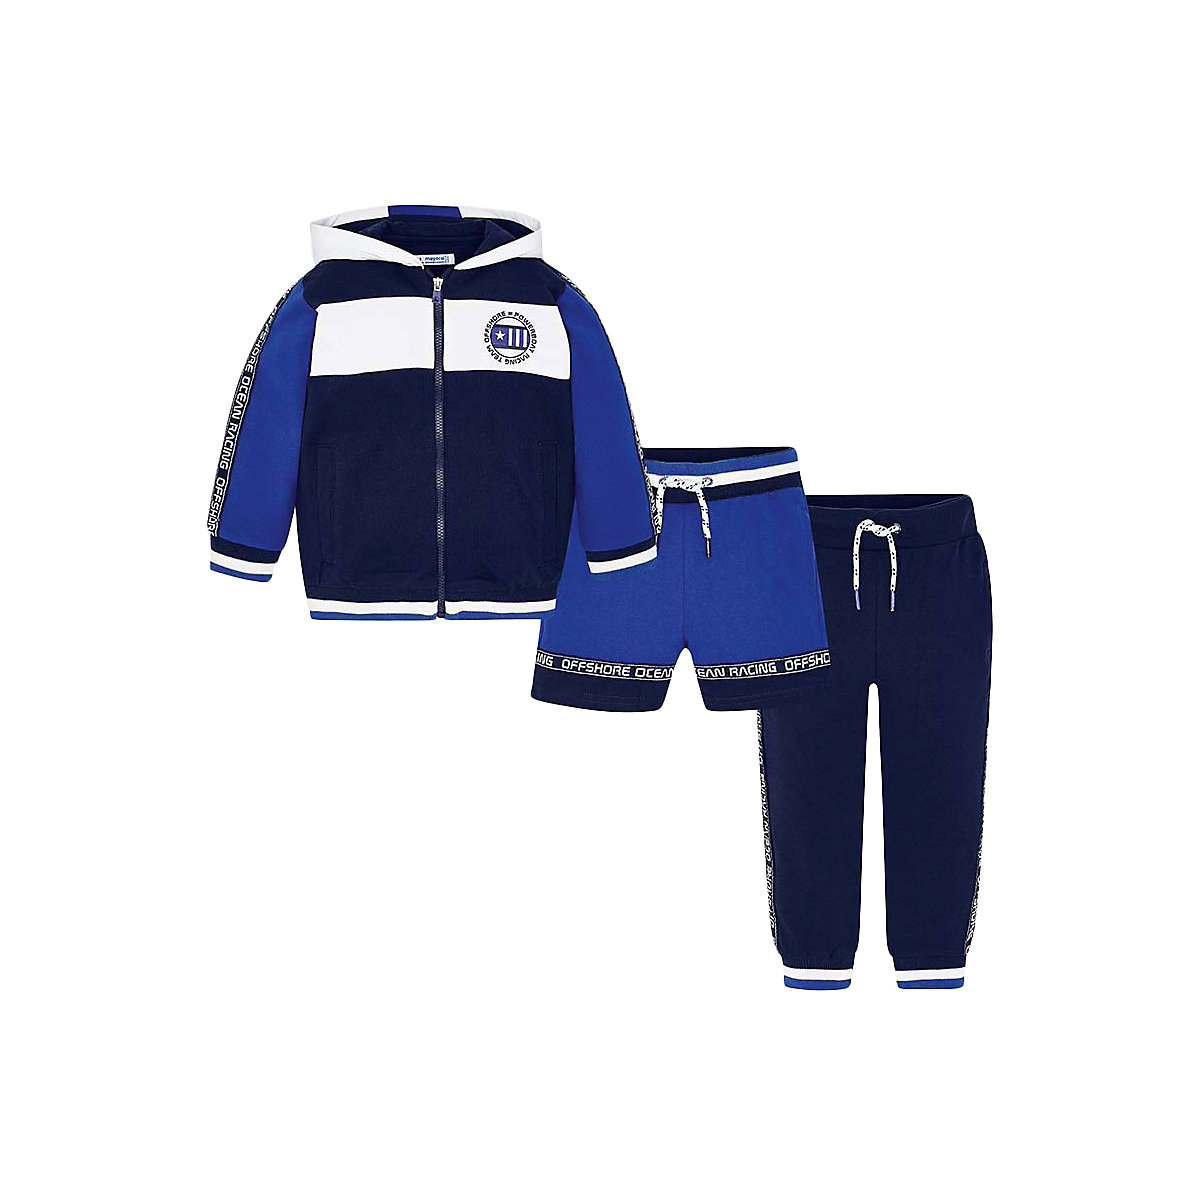 Enfants deux-pièces costumes Mayoral 10685207 vêtements de sport pour enfants accessoires costumes pour l'enfant